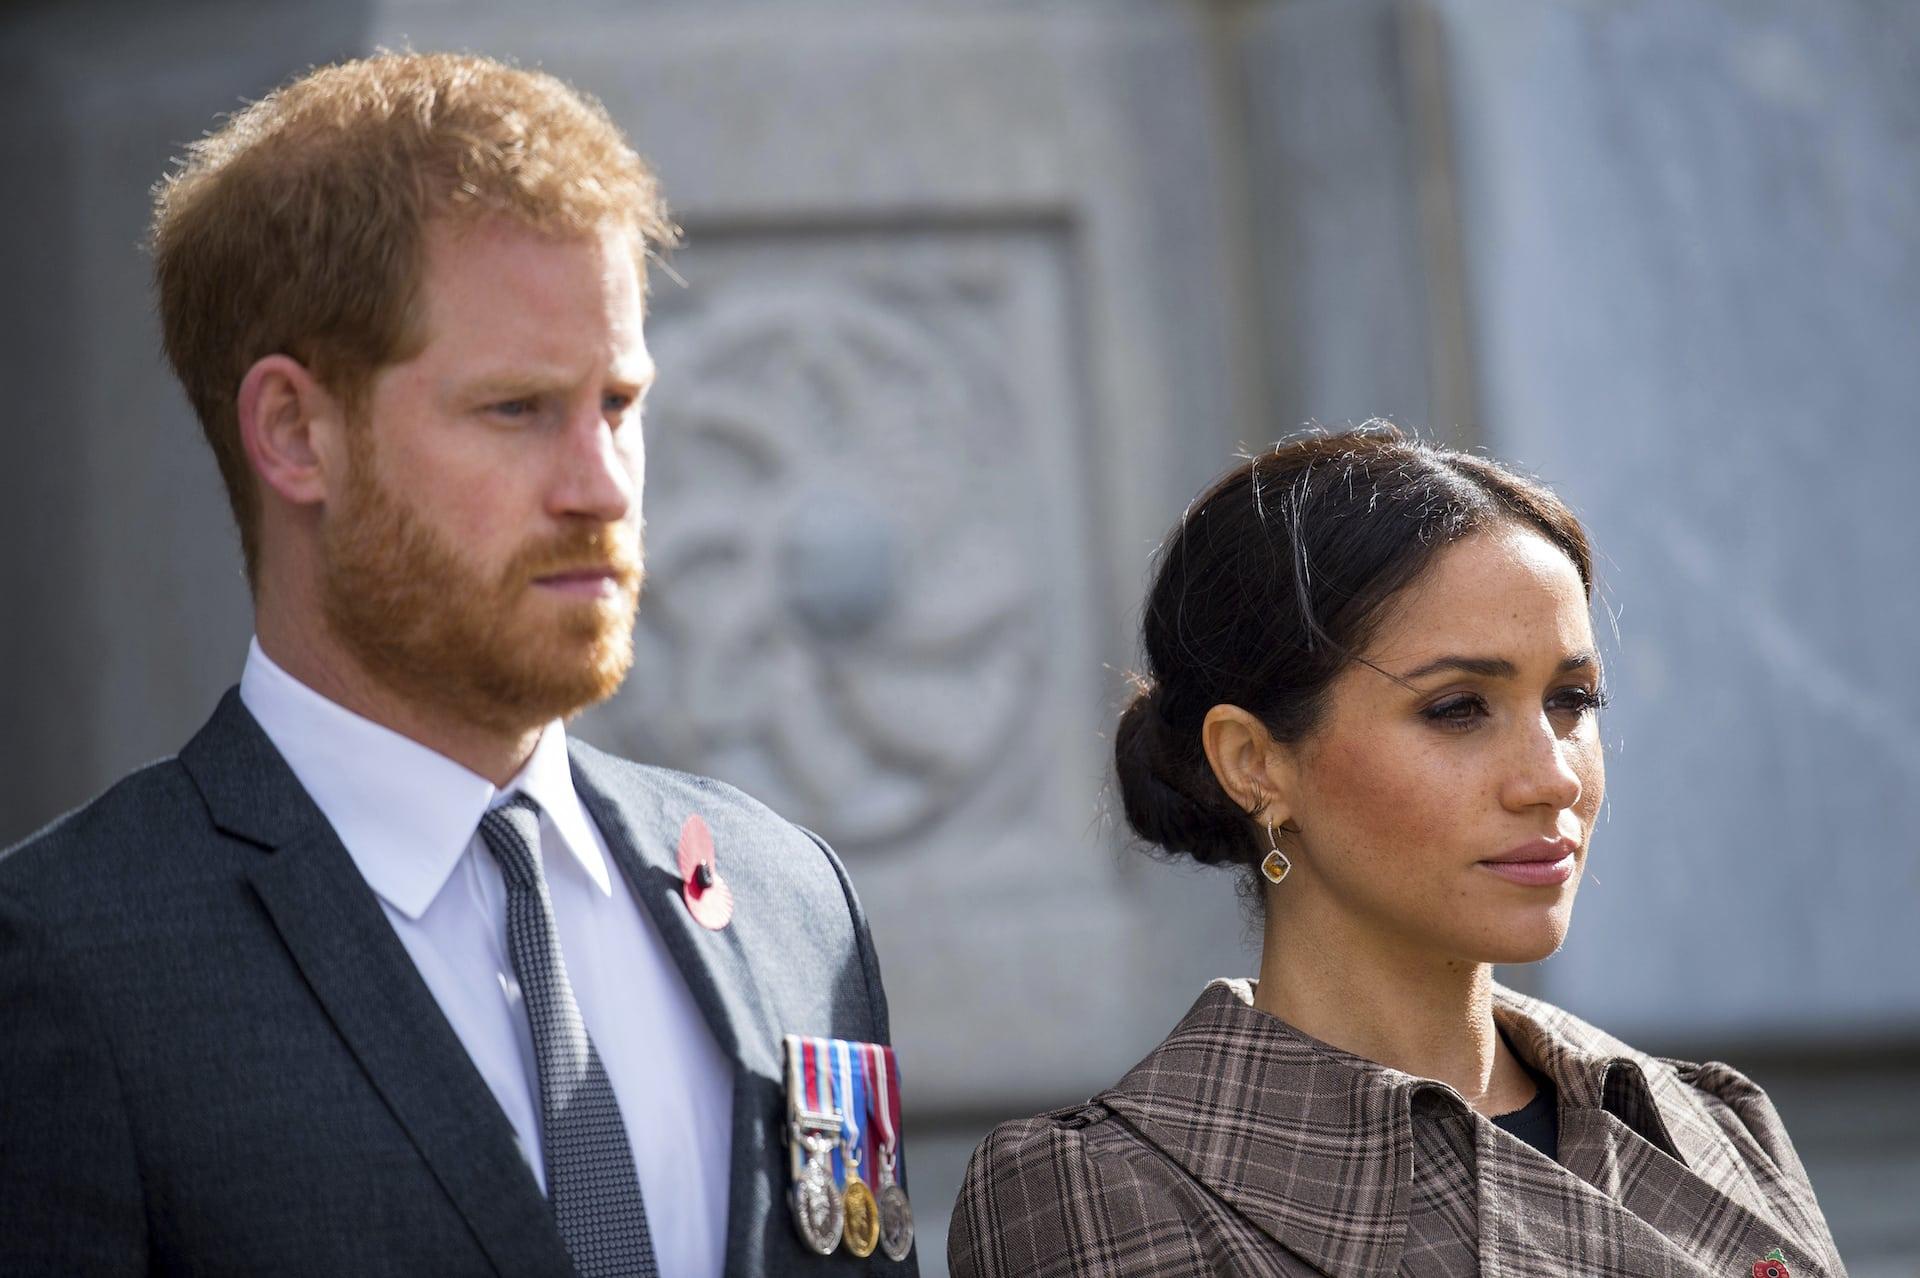 Herzogin Meghan und Prinz Harry haben dramatische Neuigkeiten aus dem Fernsehen erfahren. Thomas Markle will gegen die Royals vor Gericht ziehen.